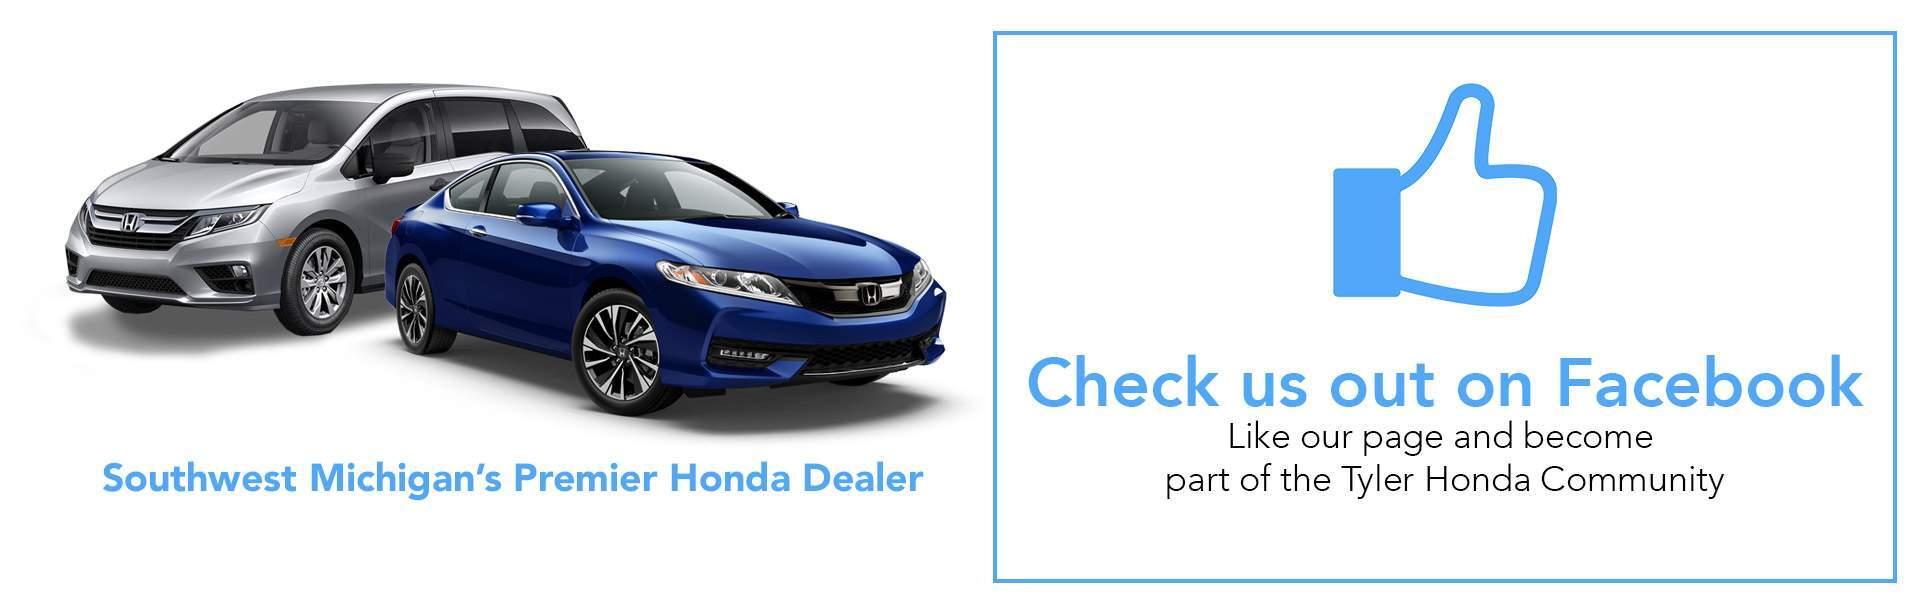 Honda Dealership Stevensville MI Used Cars Tyler